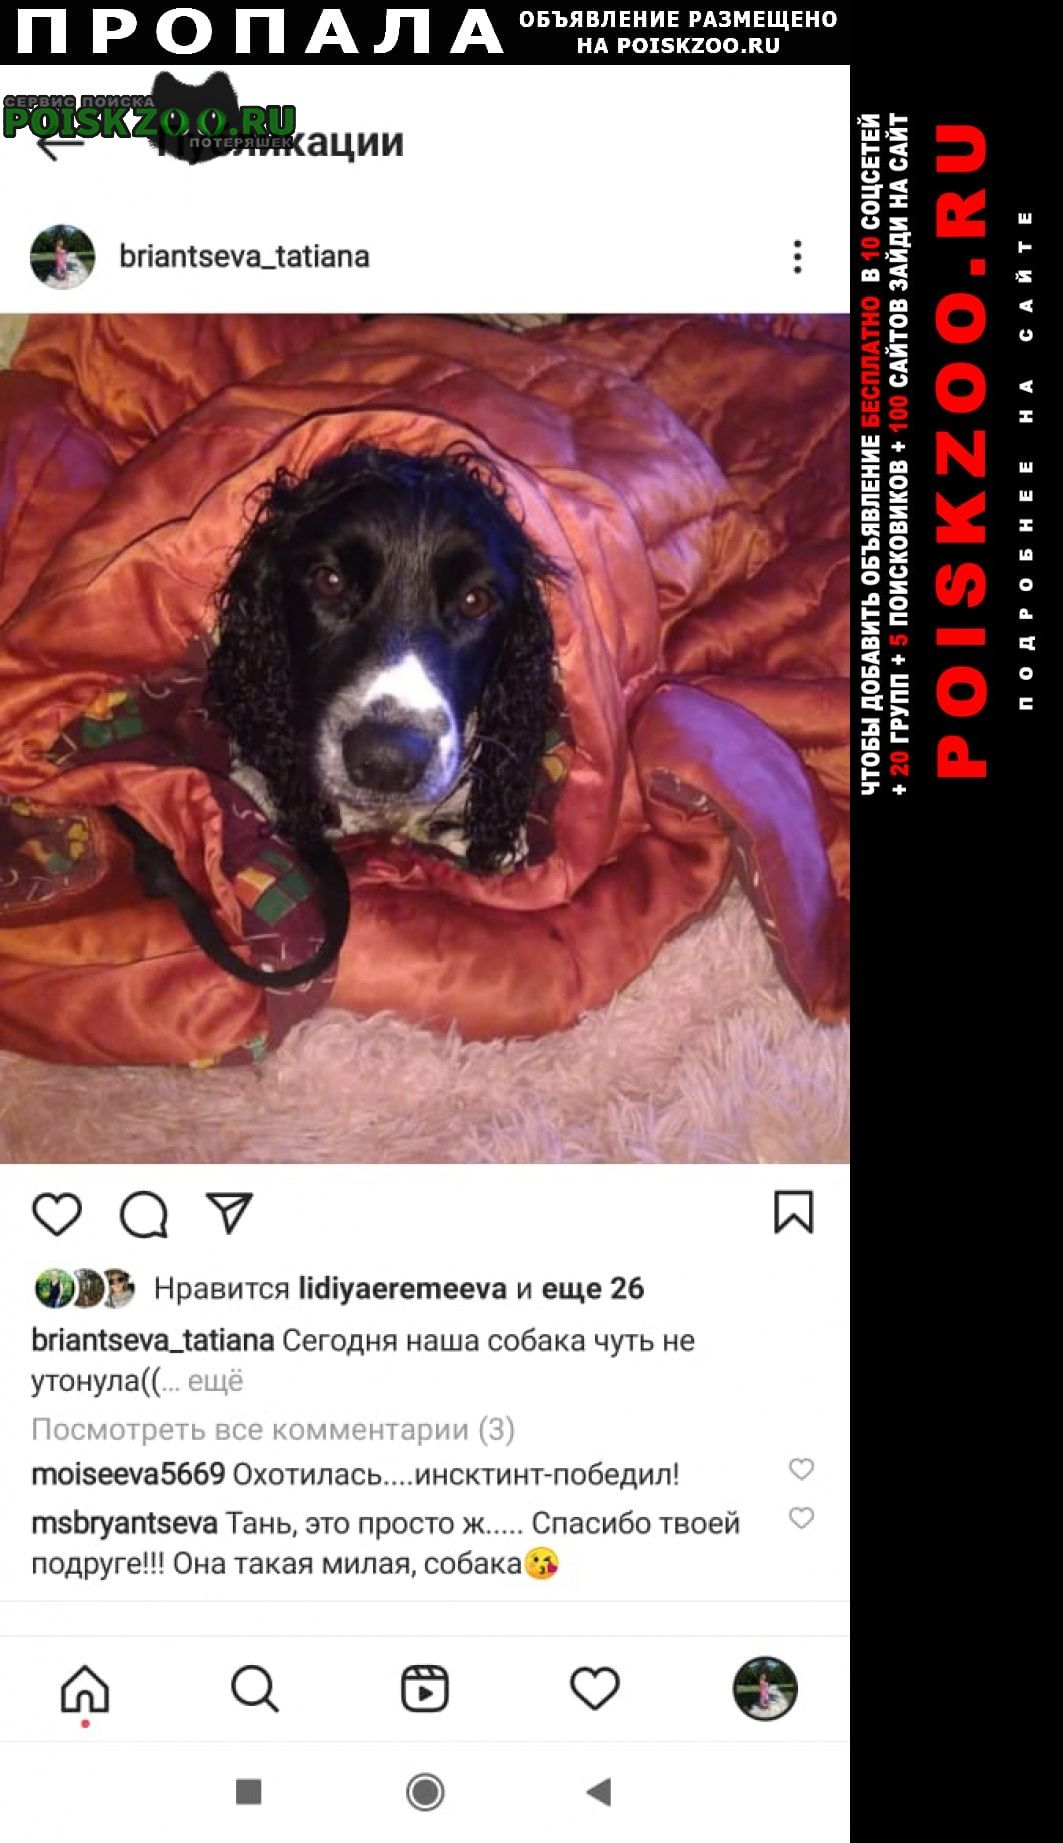 Пропала собака Анапа